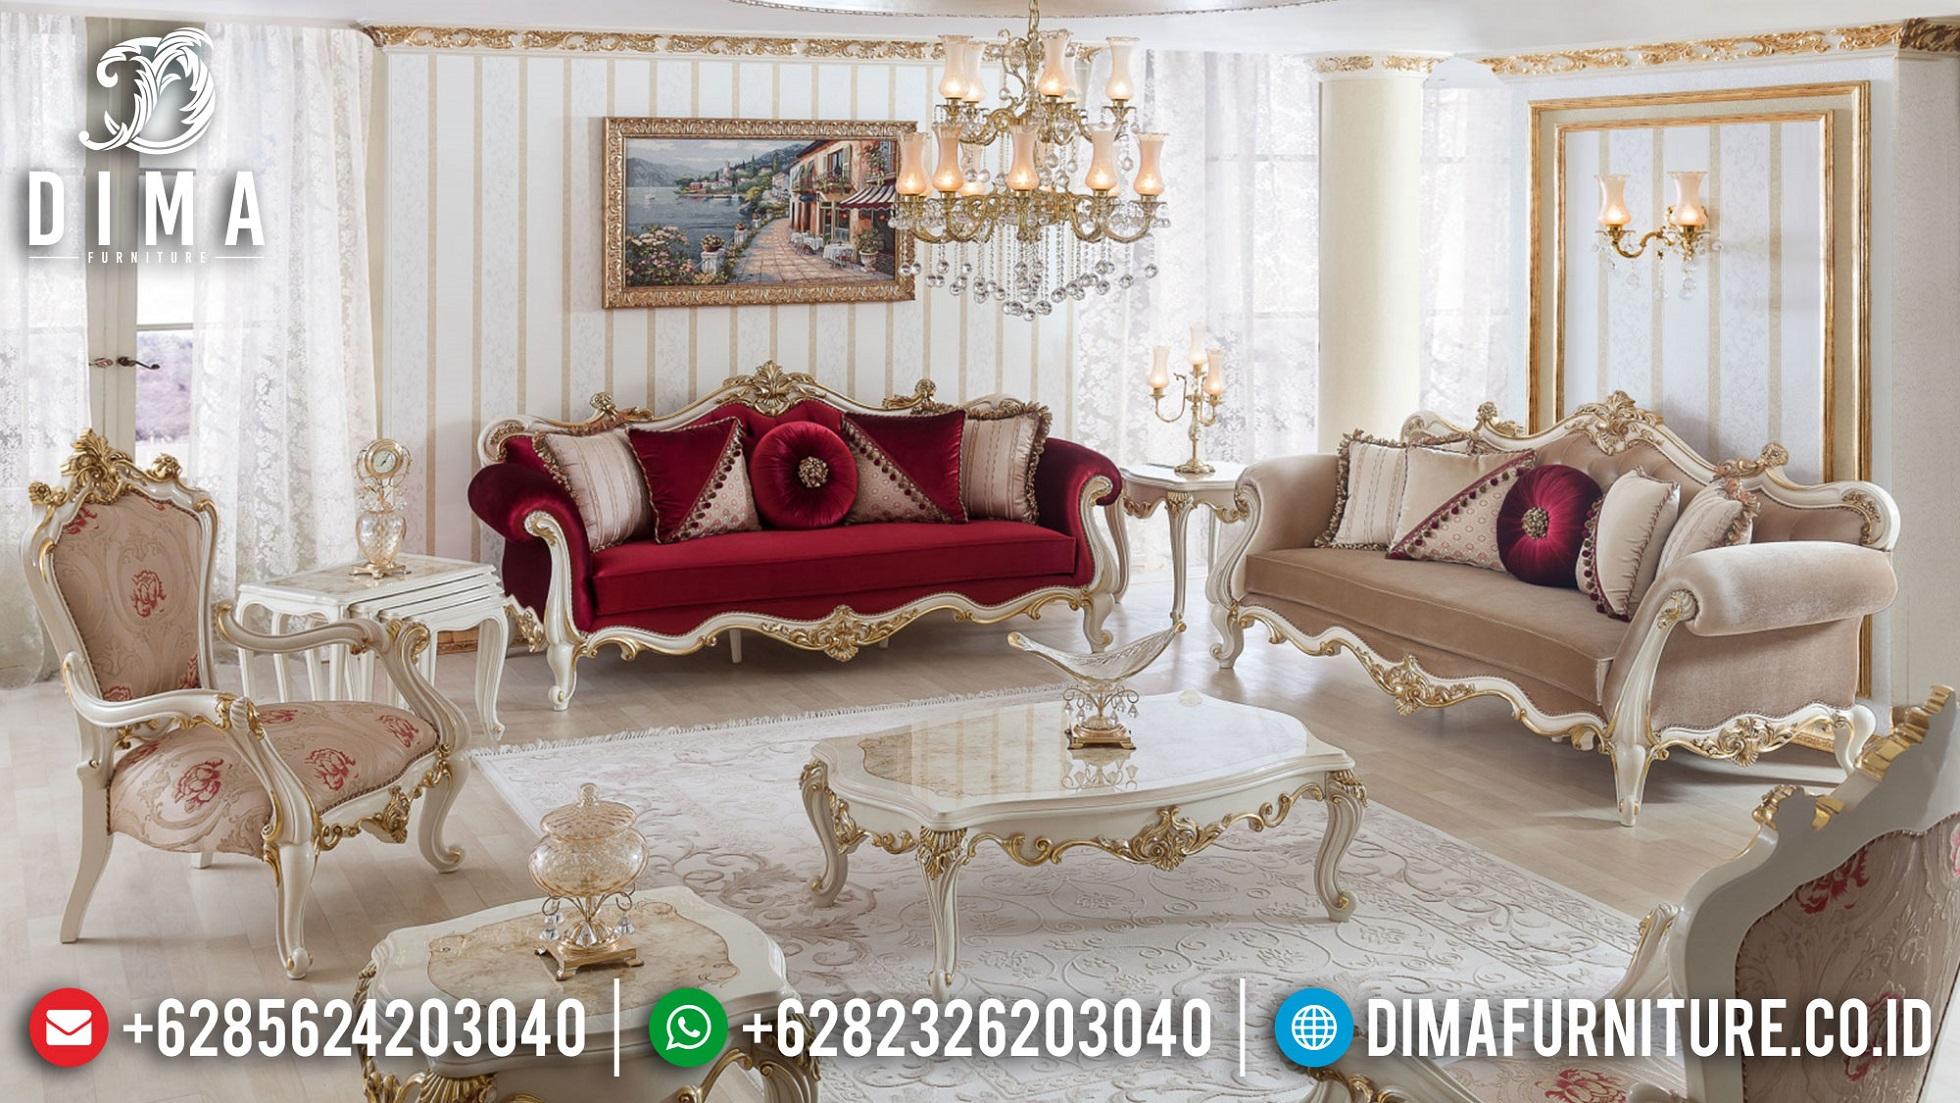 New Style Sofa Ruang Tamu Mewah Luxury Carving Jepara BT-1018